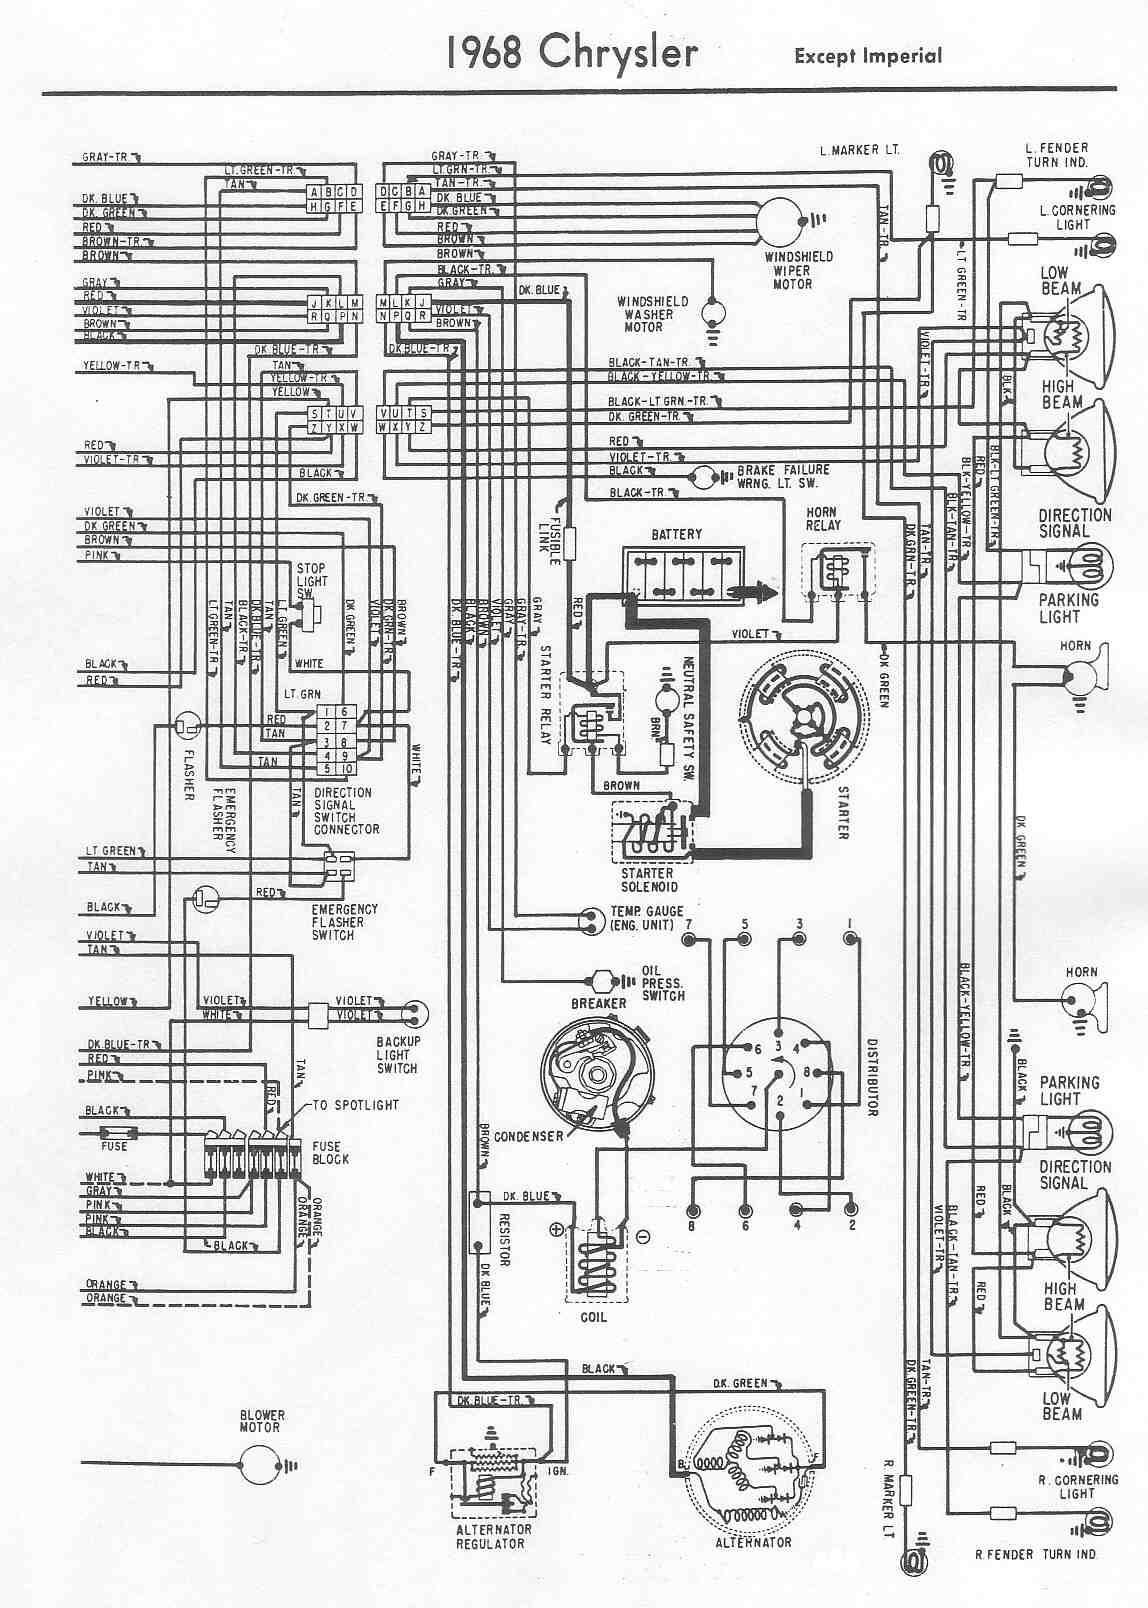 1966 gto wiper wiring diagram schematic wiring diagrams lol 65 gto wiring diagram schematic 1966 gto wiper wiring diagram schematic [ 1148 x 1608 Pixel ]